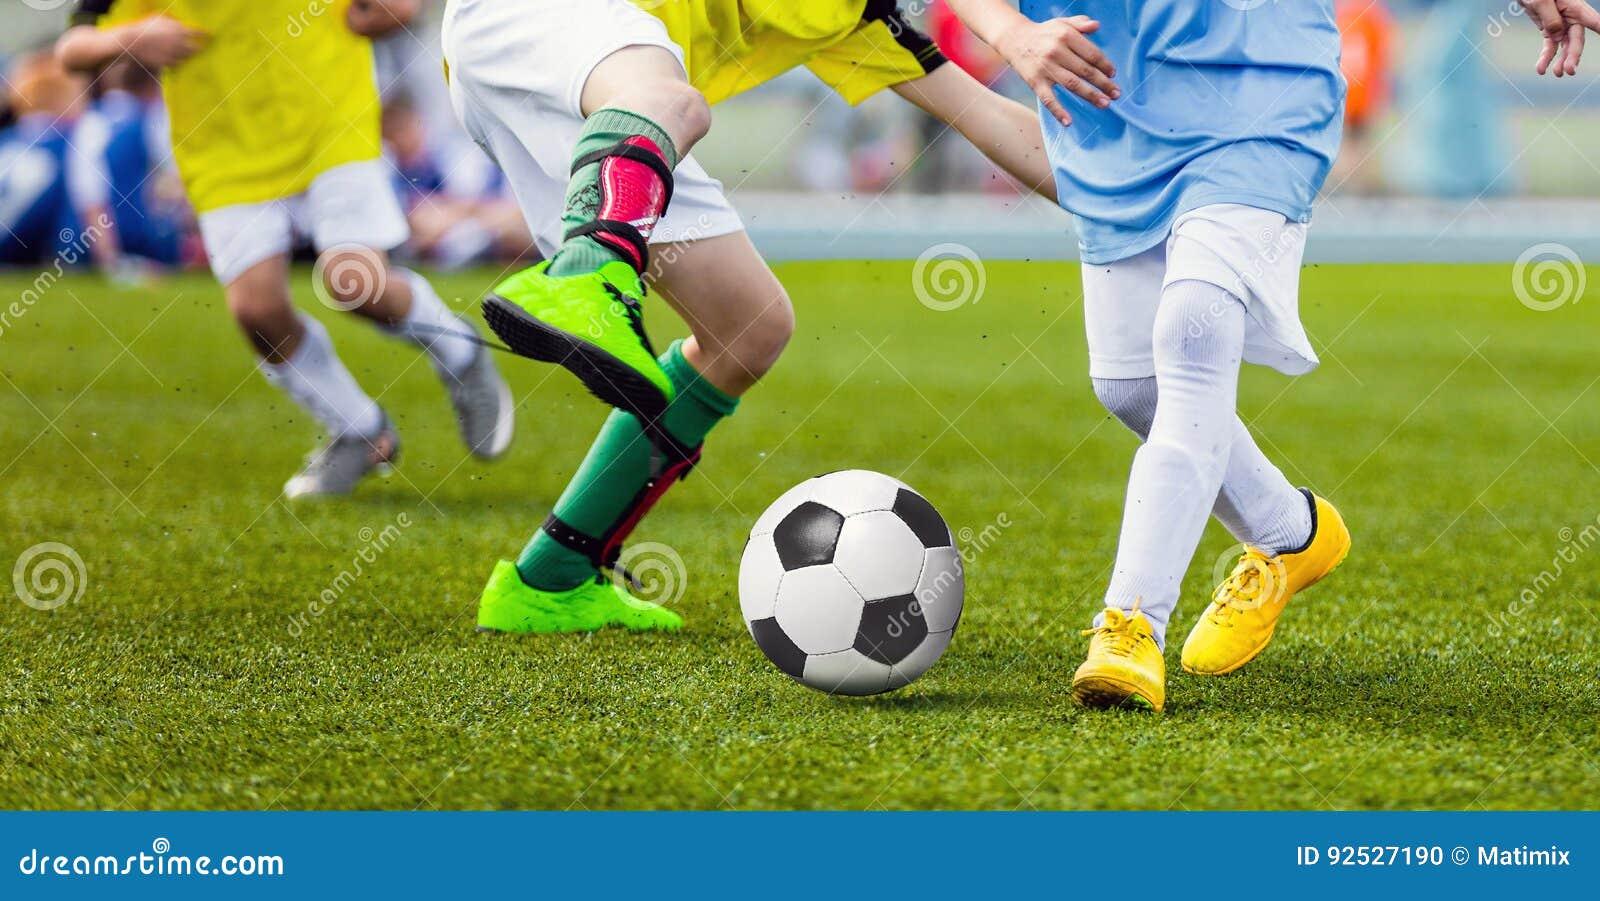 Children Football Players Running After the Ball. Kids Sport Duel